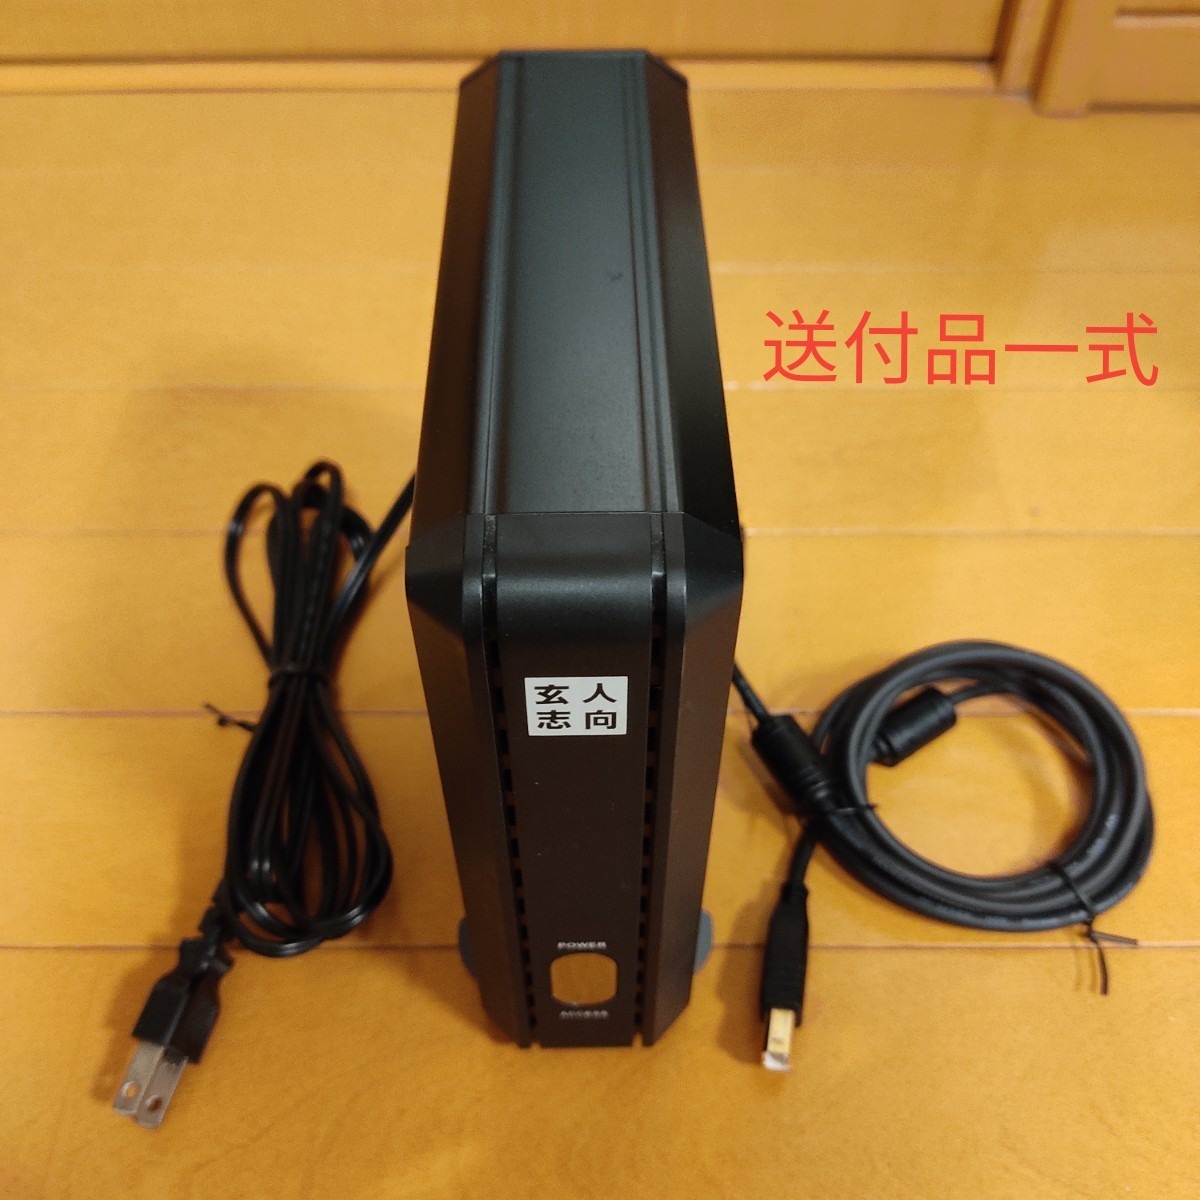 外付けHDDケース 玄人志向 接続コード付属 おまけ160GB HDD付